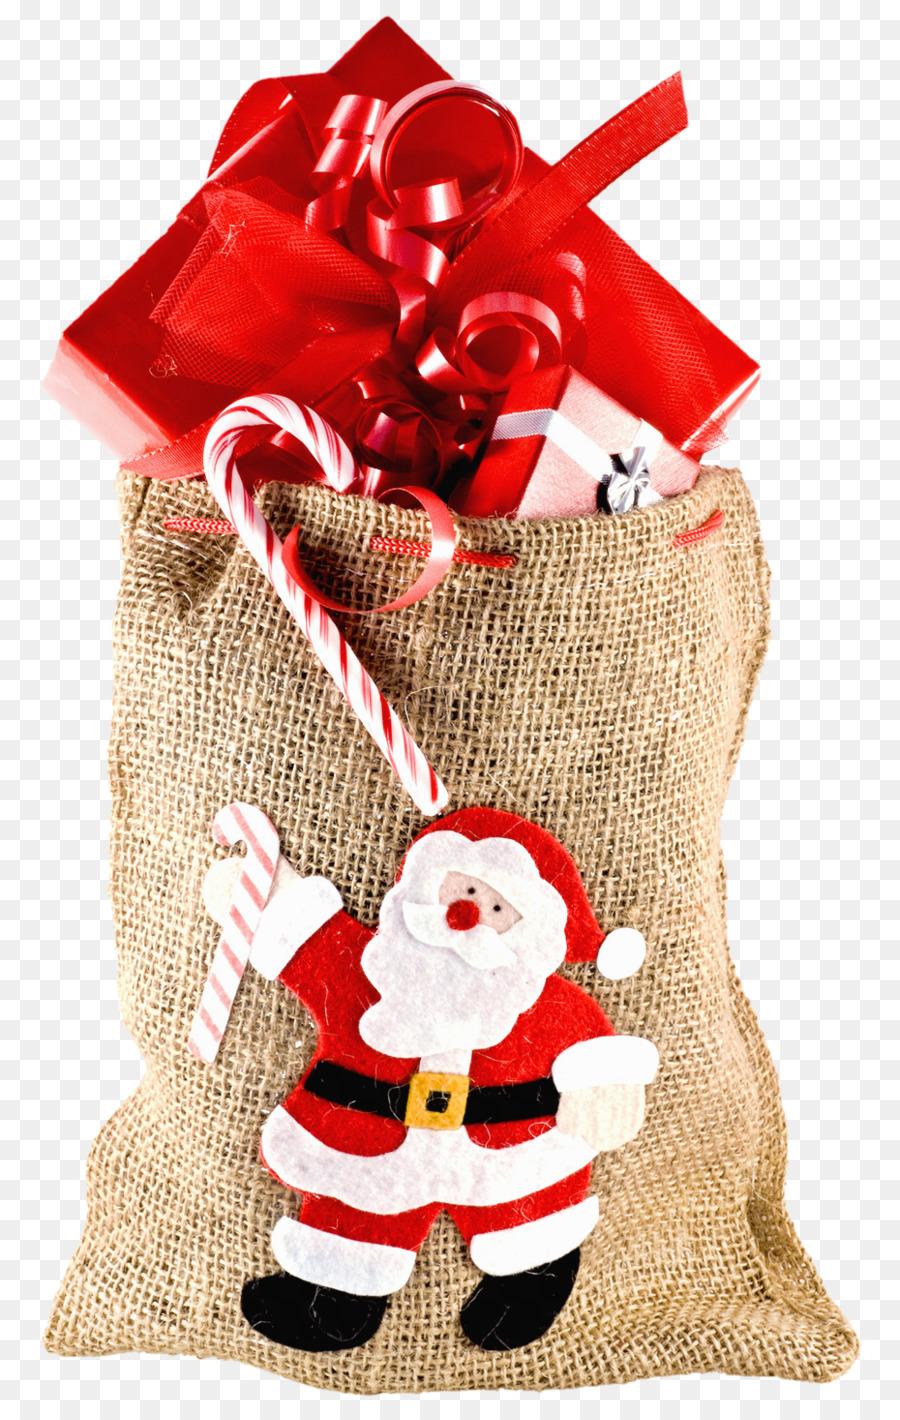 Descarga gratuita de Santa Claus, Regalo, Regalo De Navidad Imágen de Png